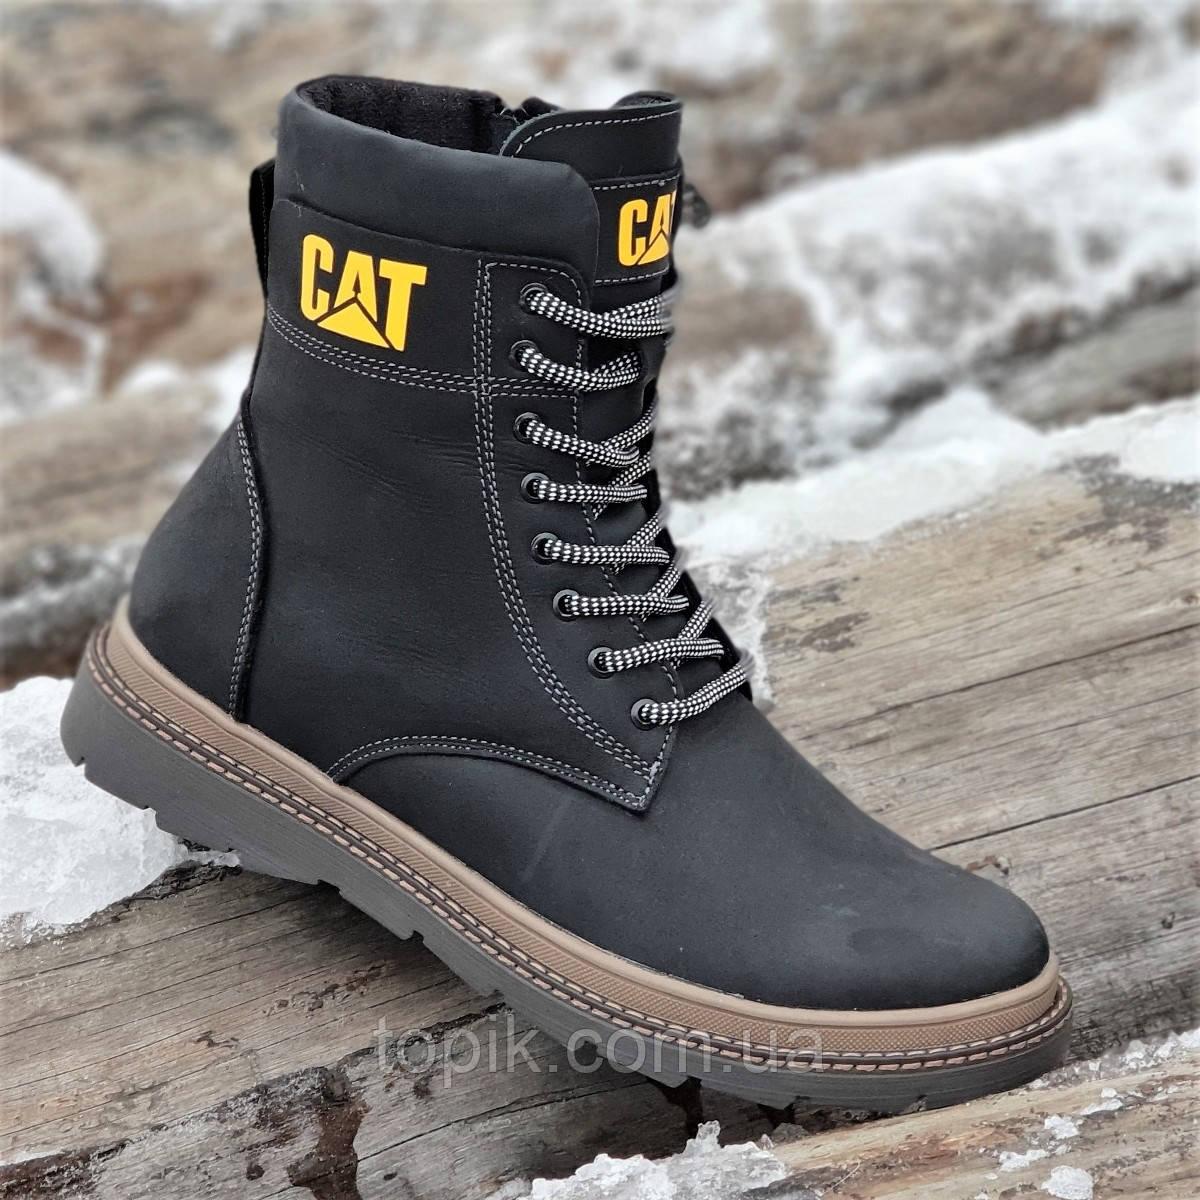 dd2c6b229 Высокие мужские зимние ботинки CAT (Caterpillar) реплика кожаные черные на  натуральном меху (Код